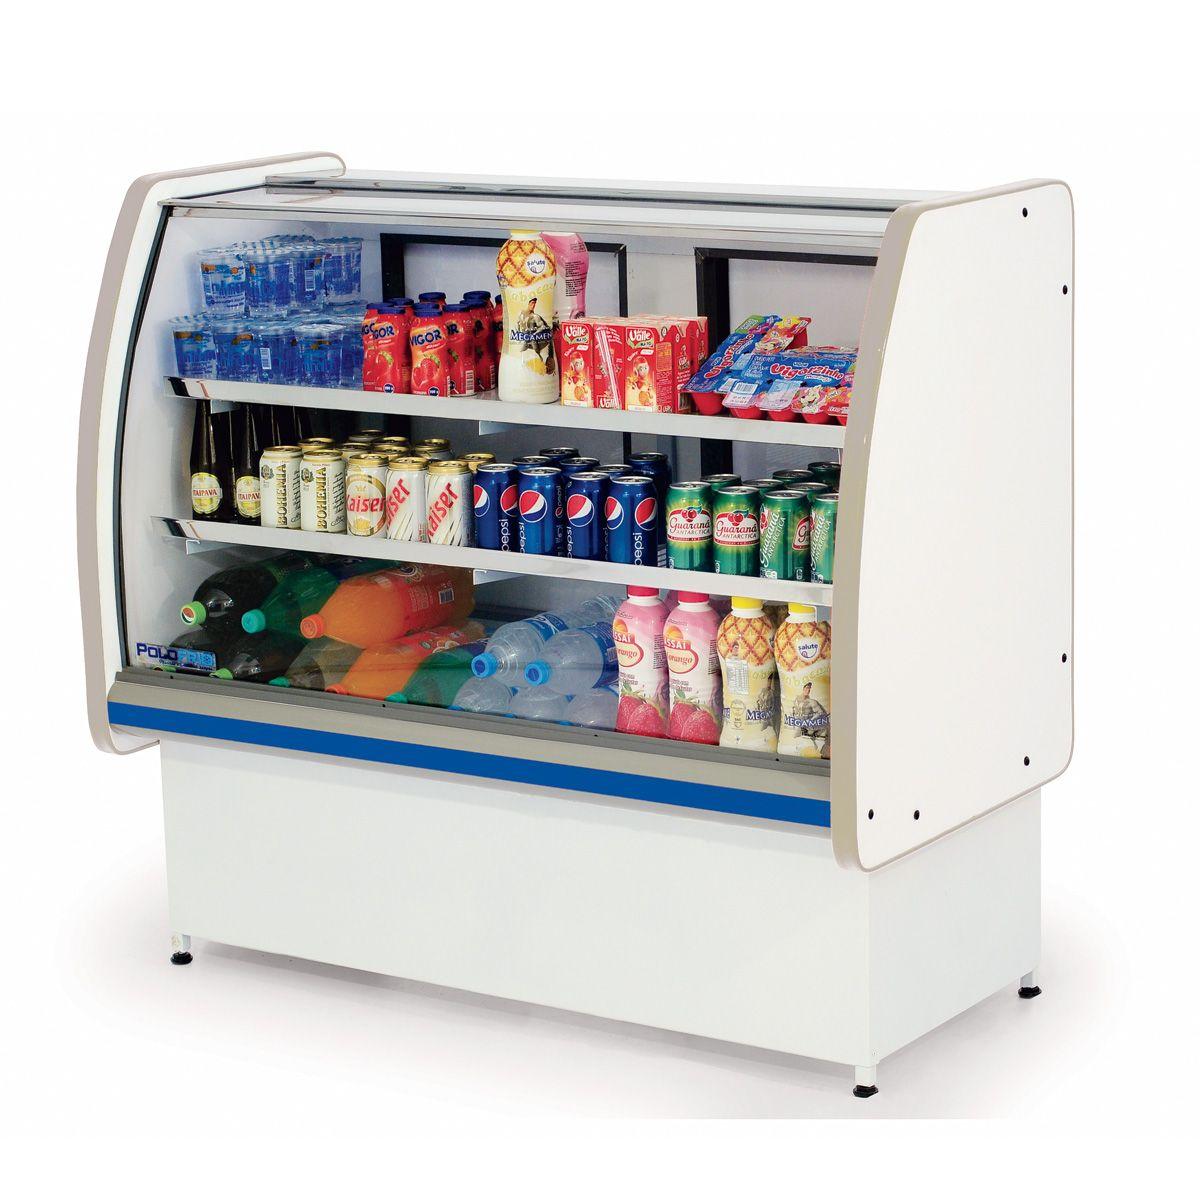 Balcão Refrigerado Pop Luxo Vidro Semi Curvo 1,25 - Polofrio